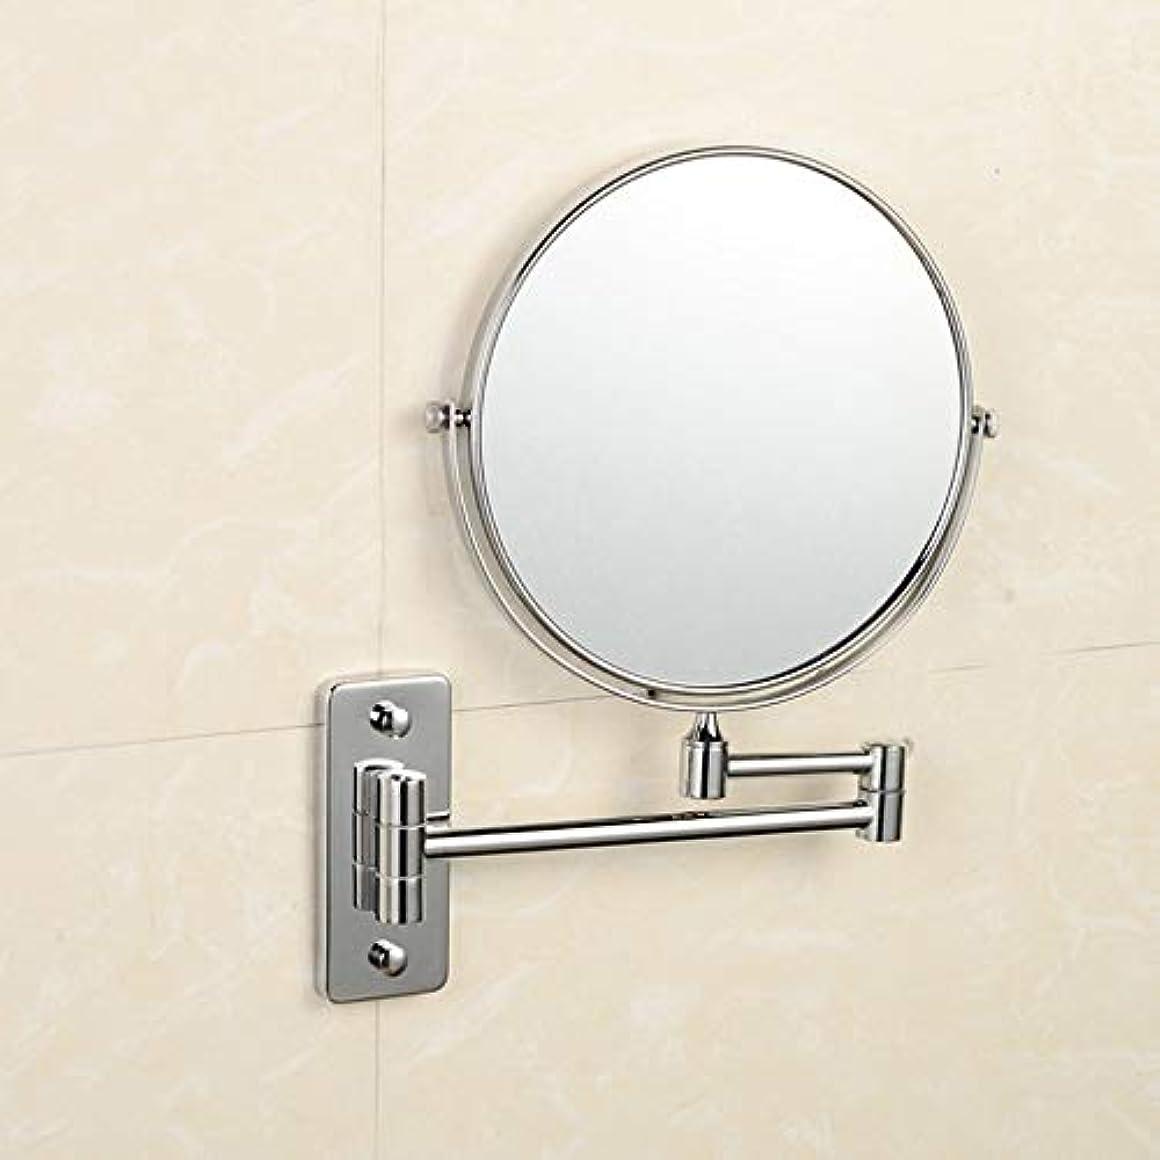 縮れたリズミカルなシエスタ流行の 銅浴室鏡折りたたみ伸縮性格人格美人表裏面360度回転壁掛け虫眼鏡ミラーシルバーホームビューティーミラー浴室